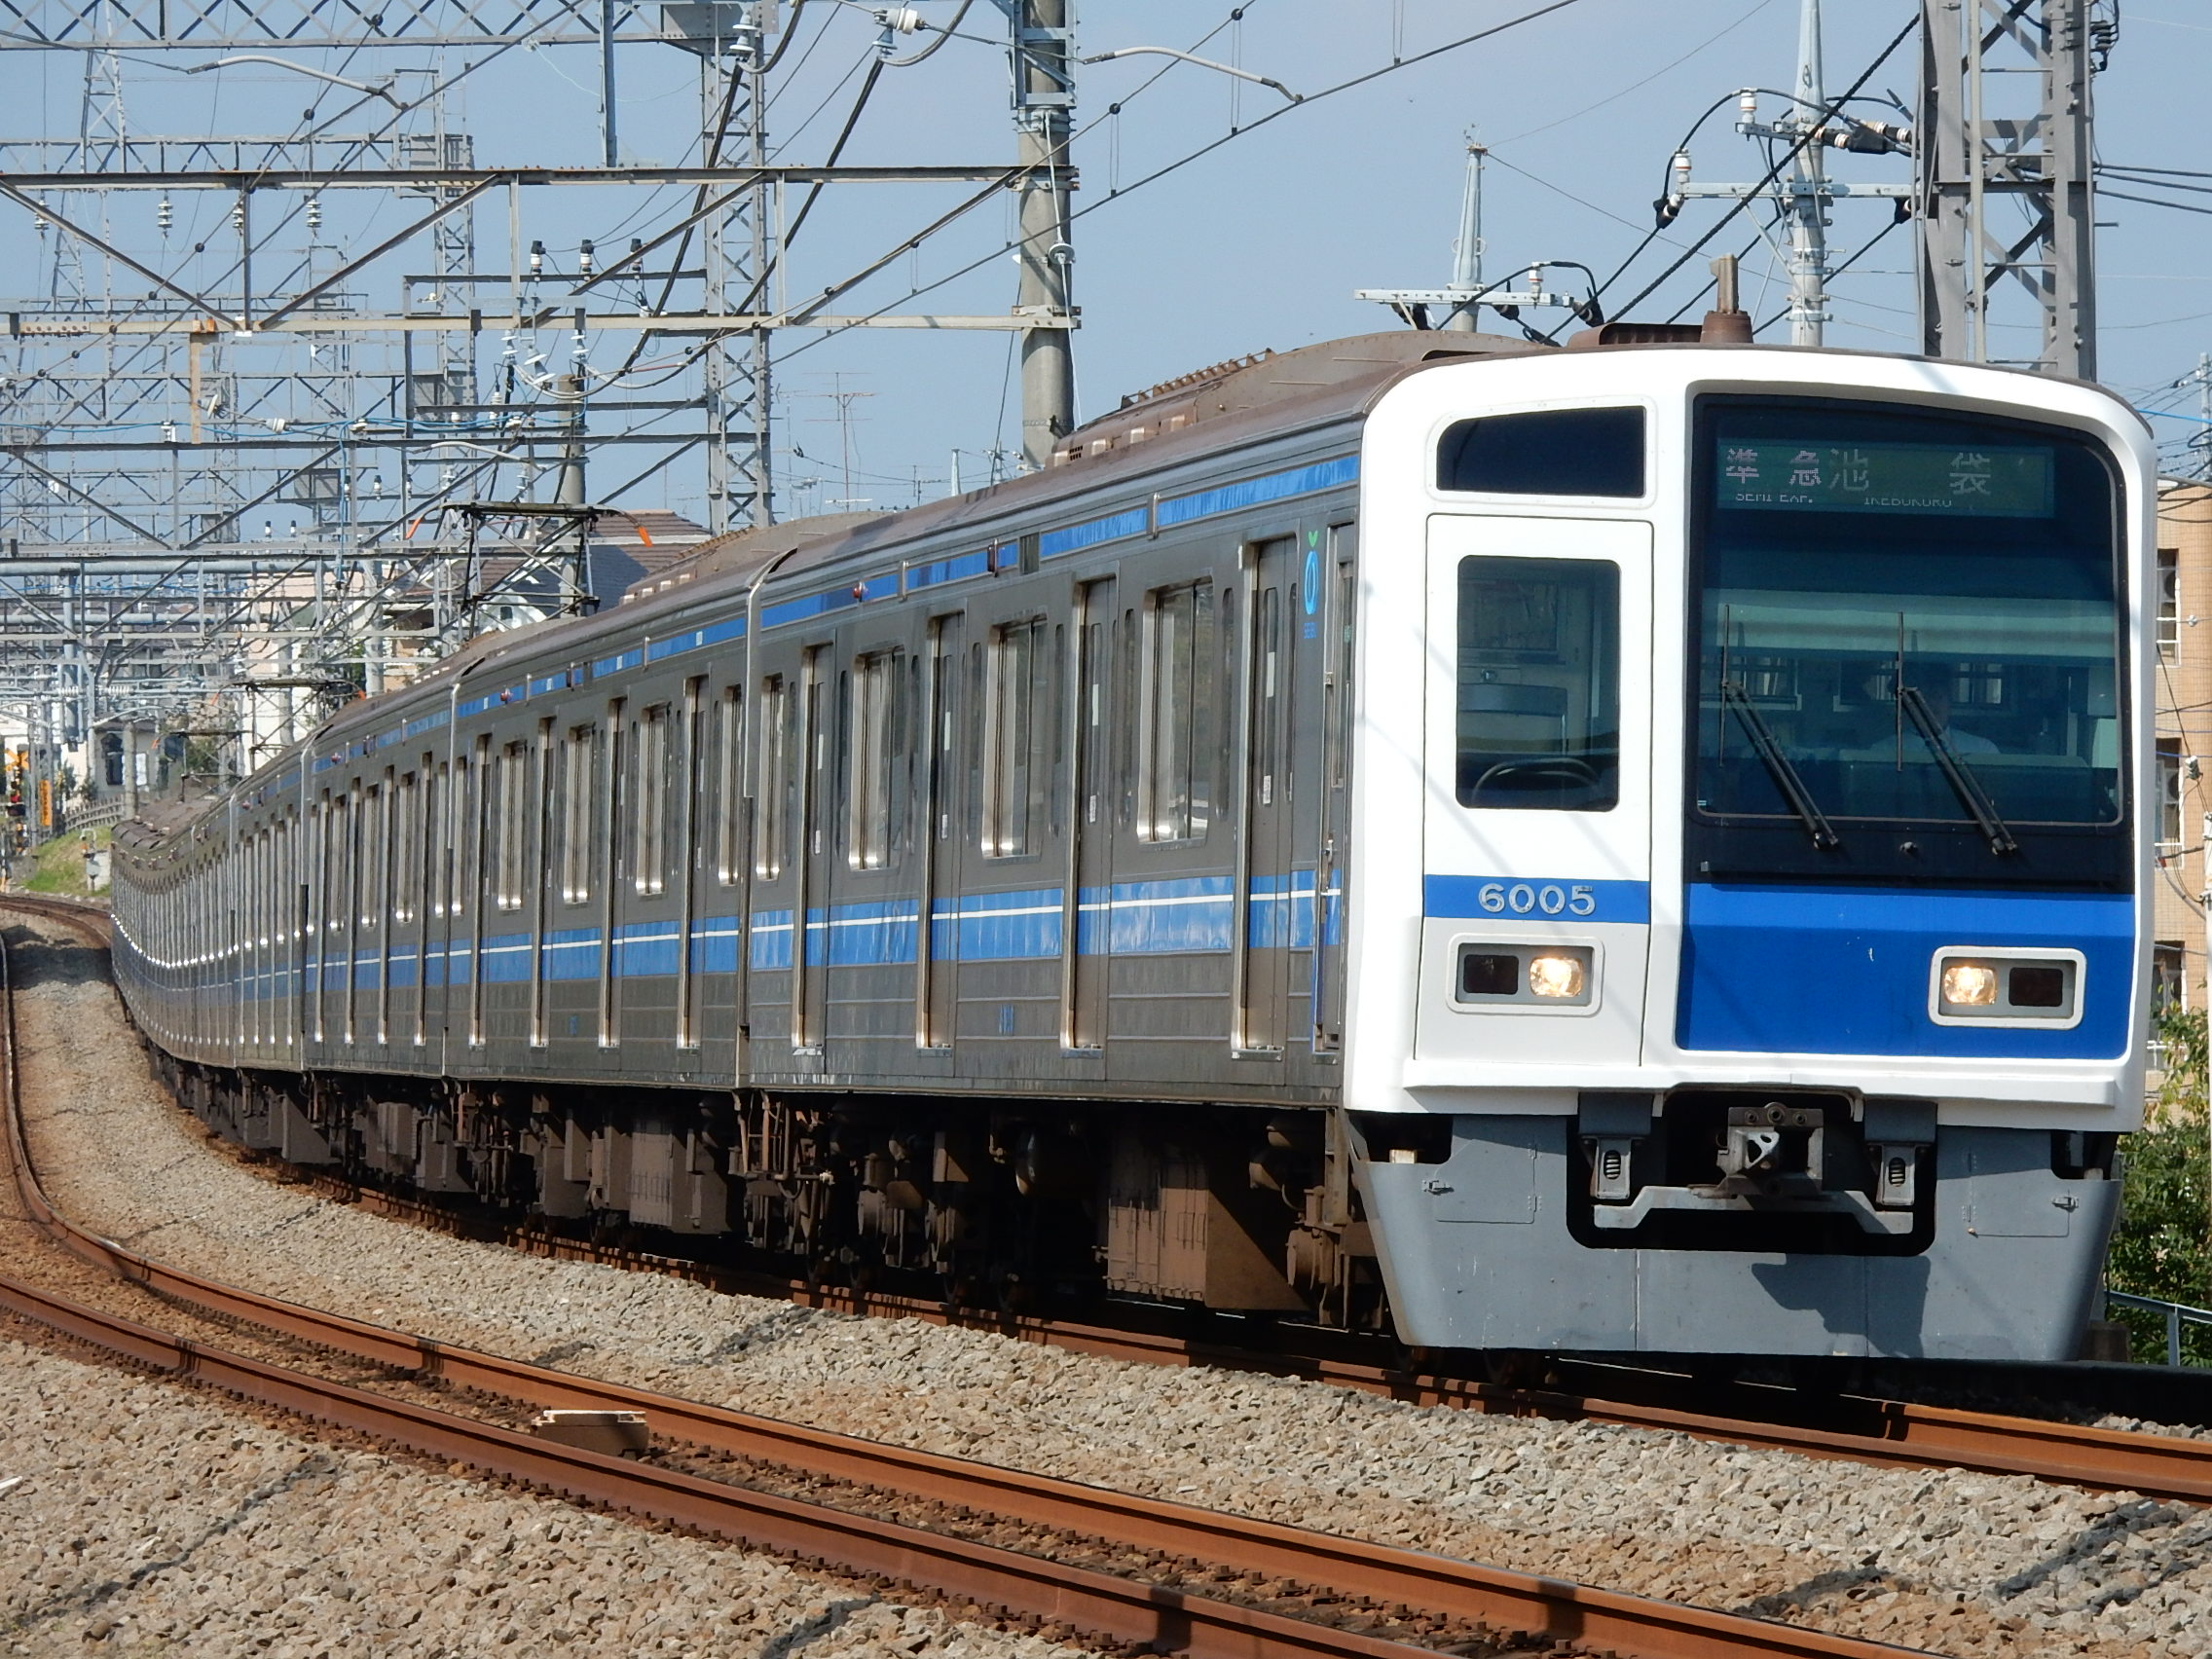 DSCN6189.jpg